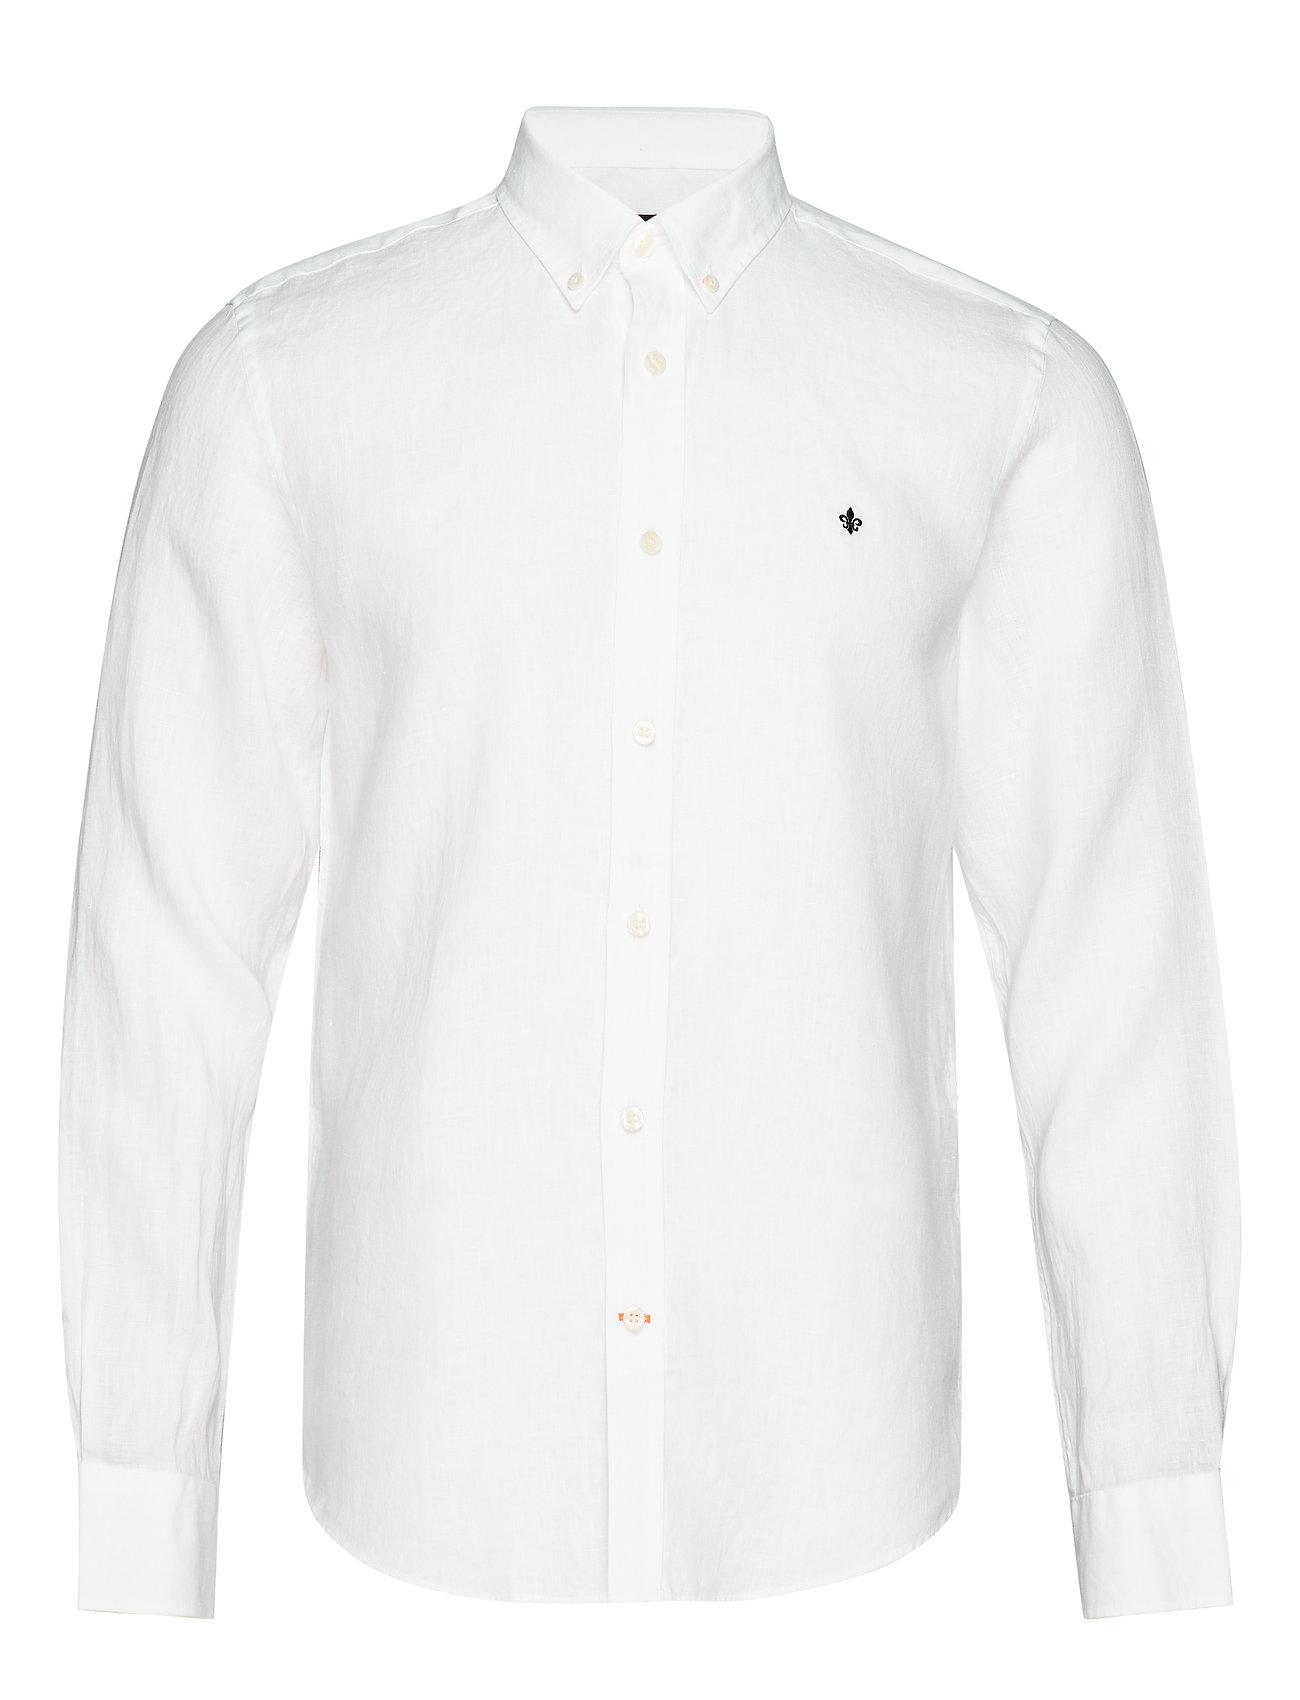 974ef036 Douglas Shirt (White) (£70) - Morris -   Boozt.com